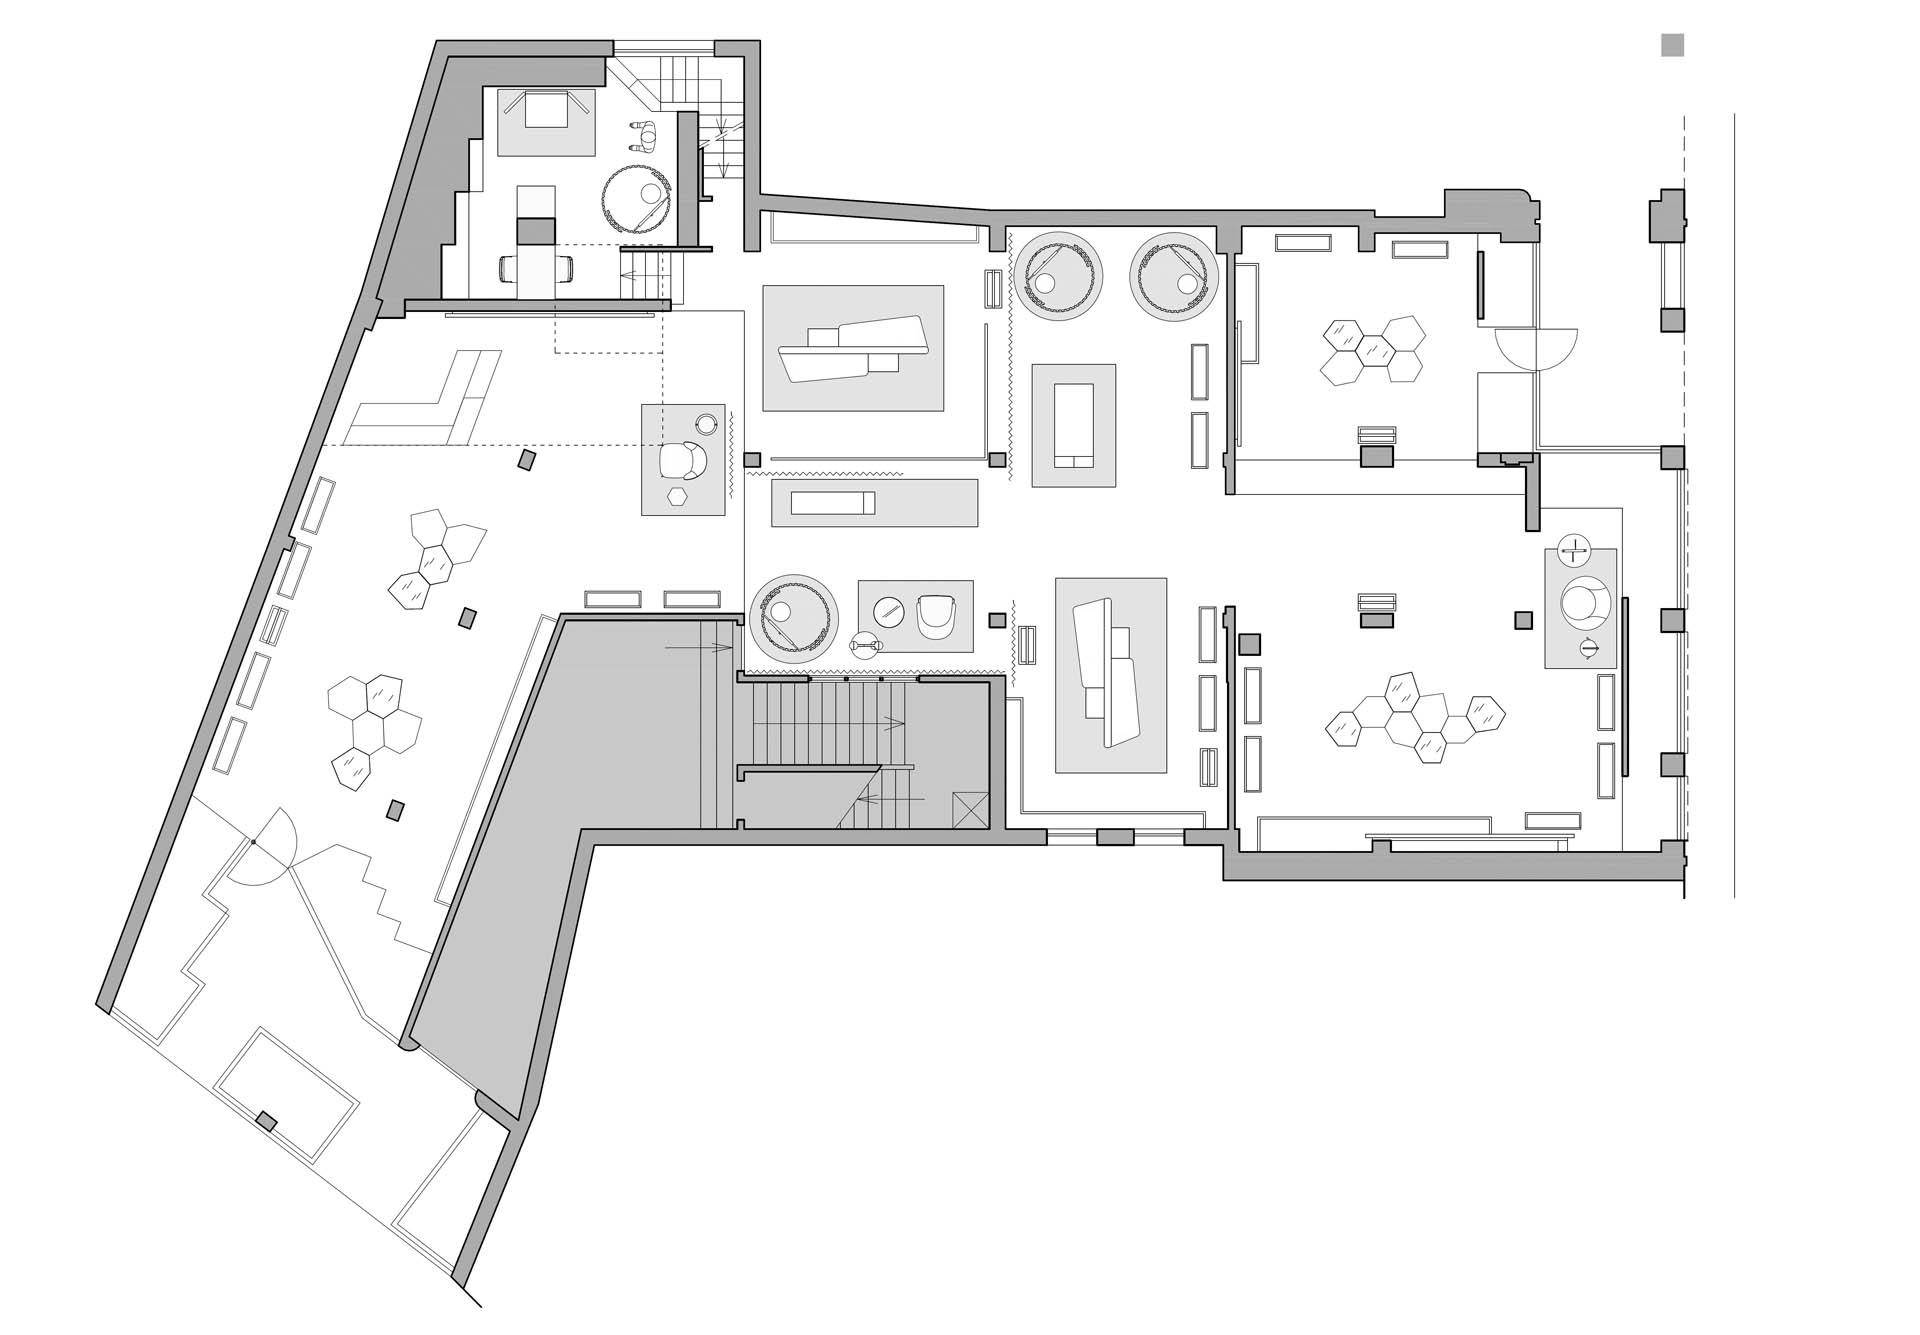 estudio arquitectura plano distribución